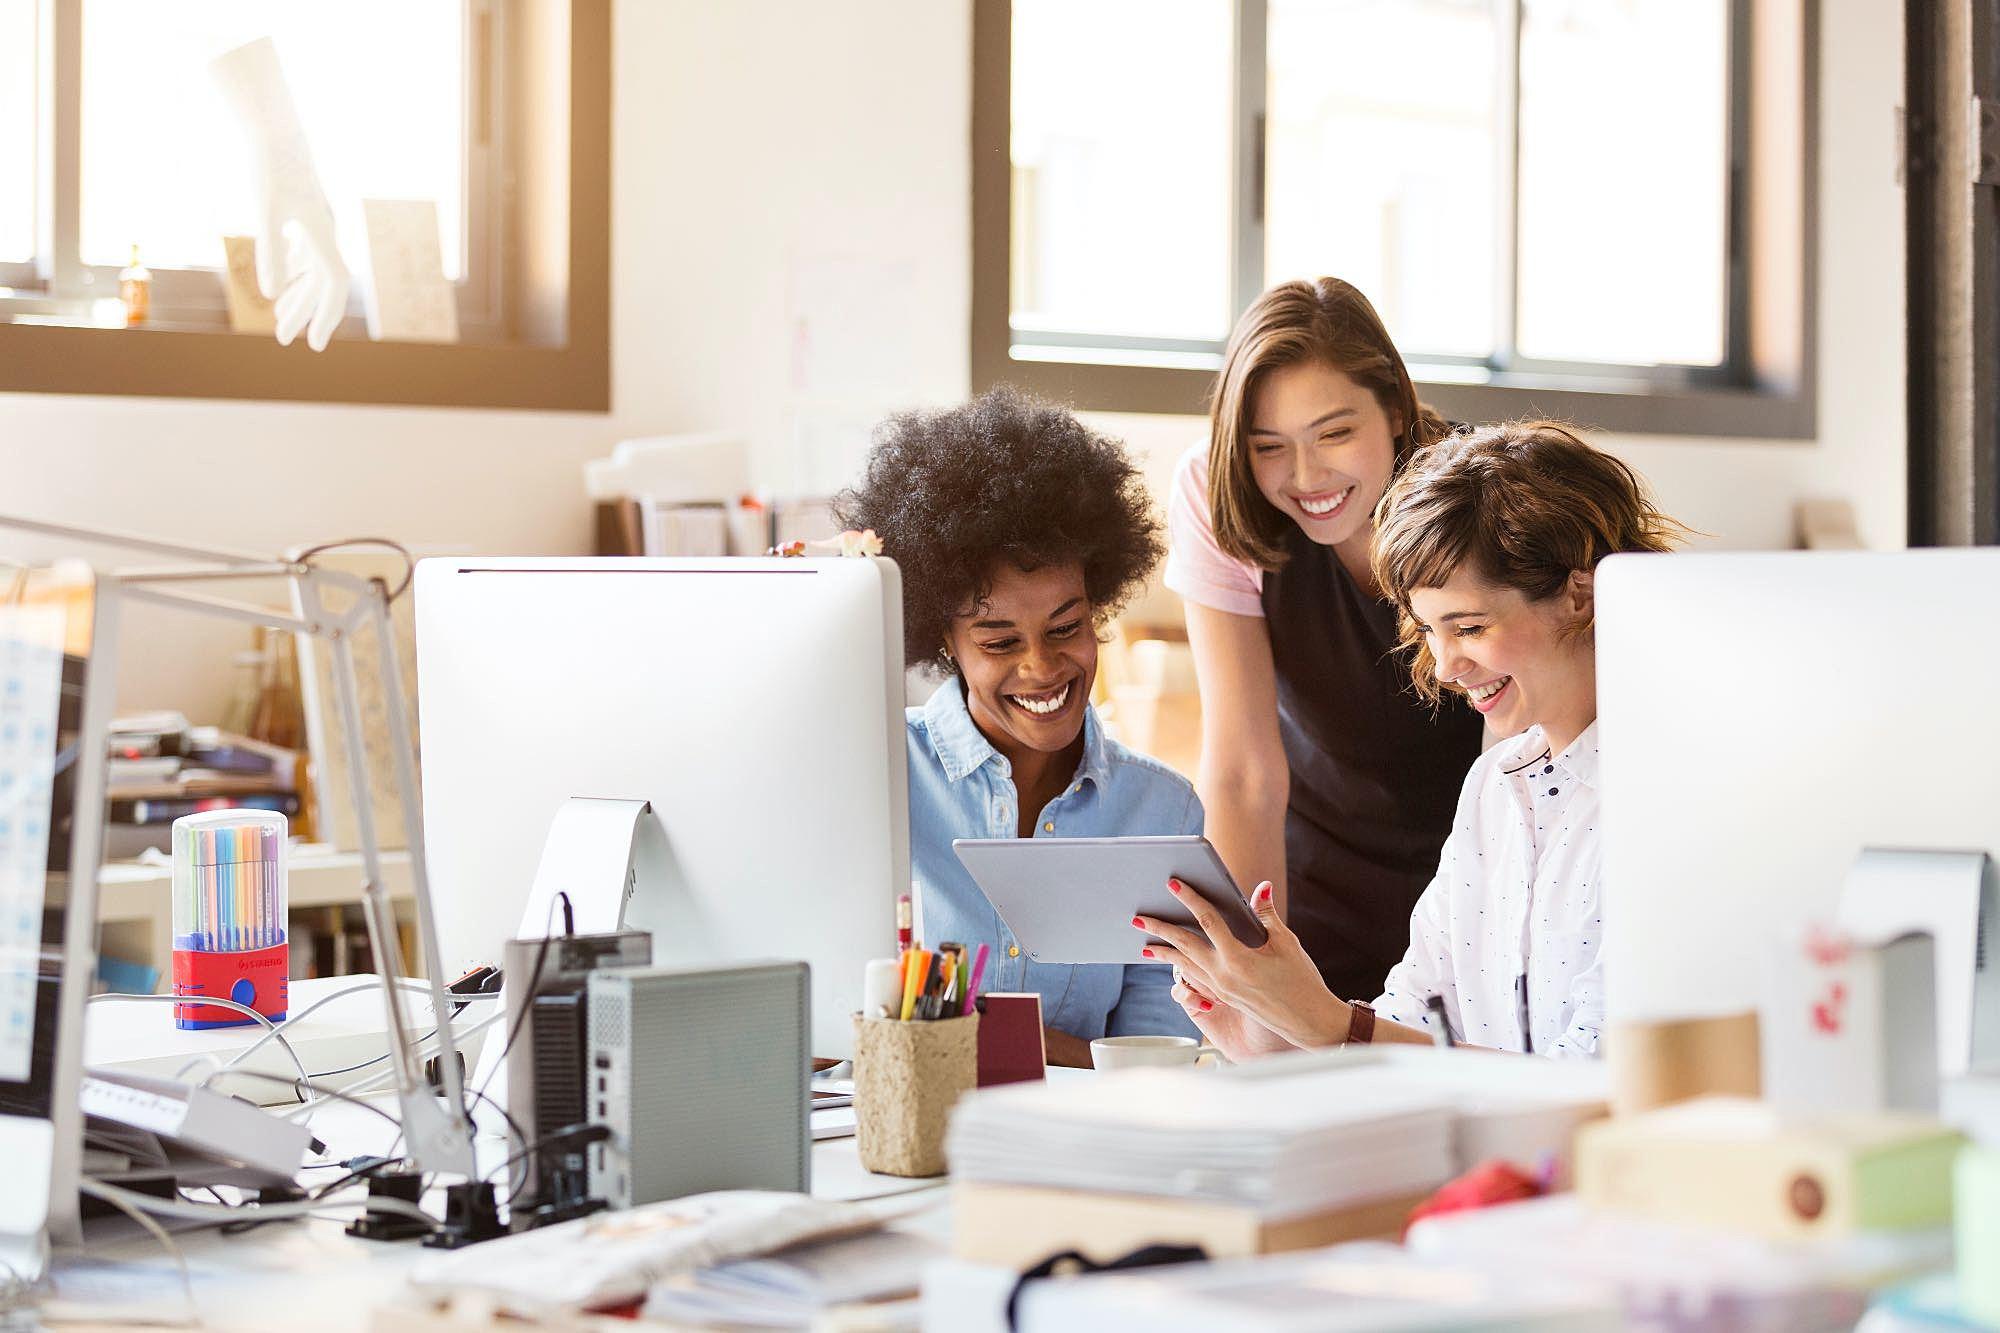 Três mulheres conversando em um ambiente corporativo